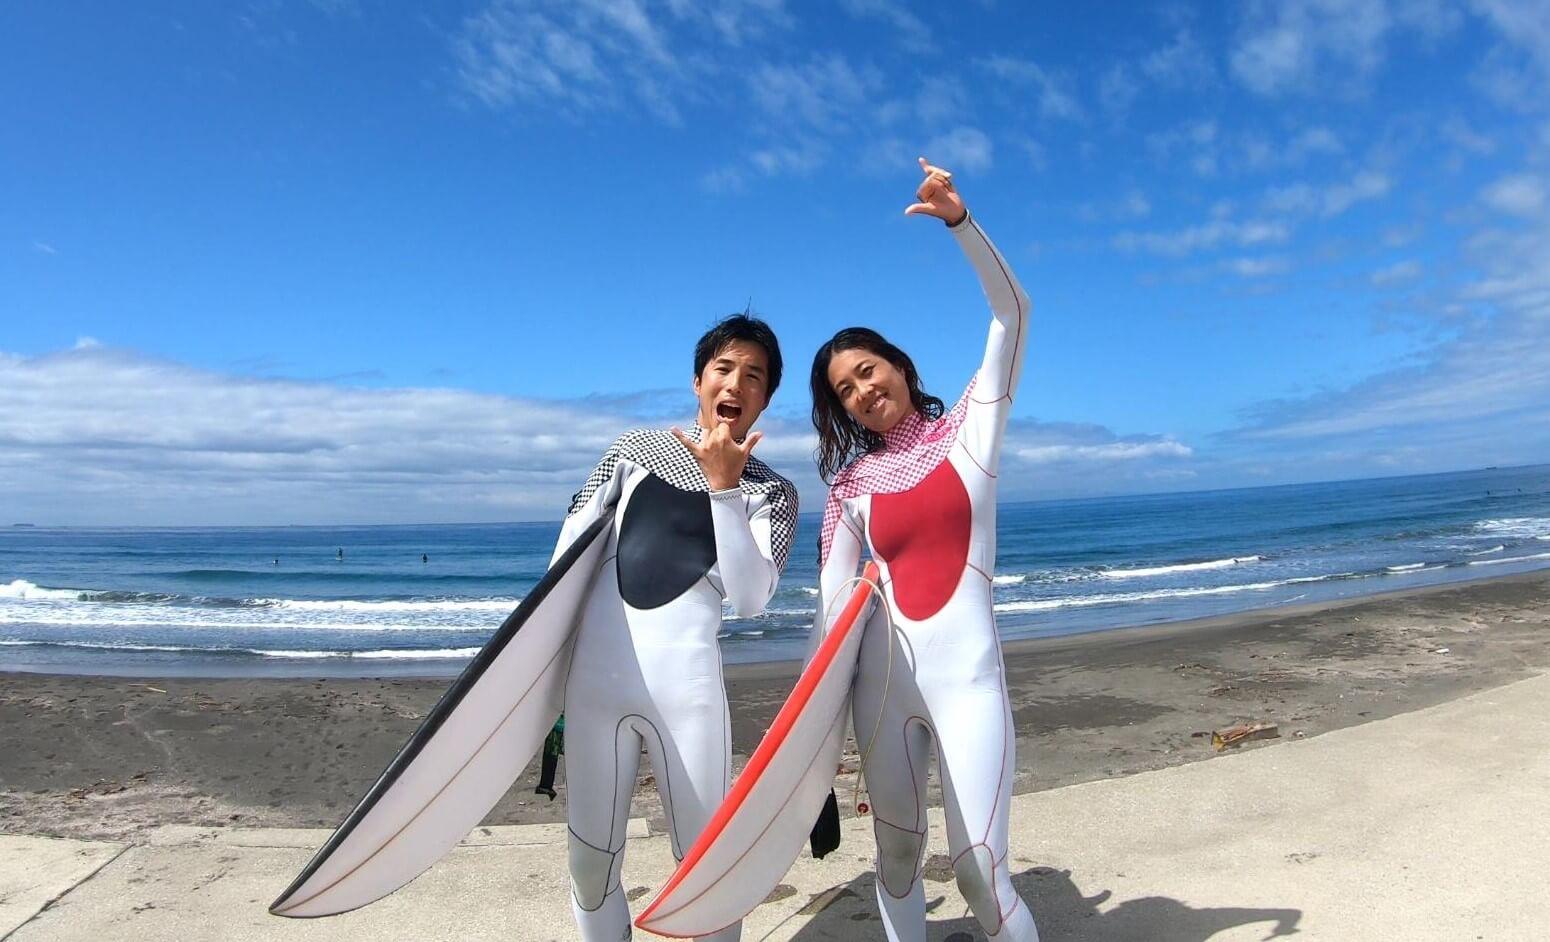 サーフィン移住をするための5つのポイント|『波乗り夫婦』が体験談をもとに解説